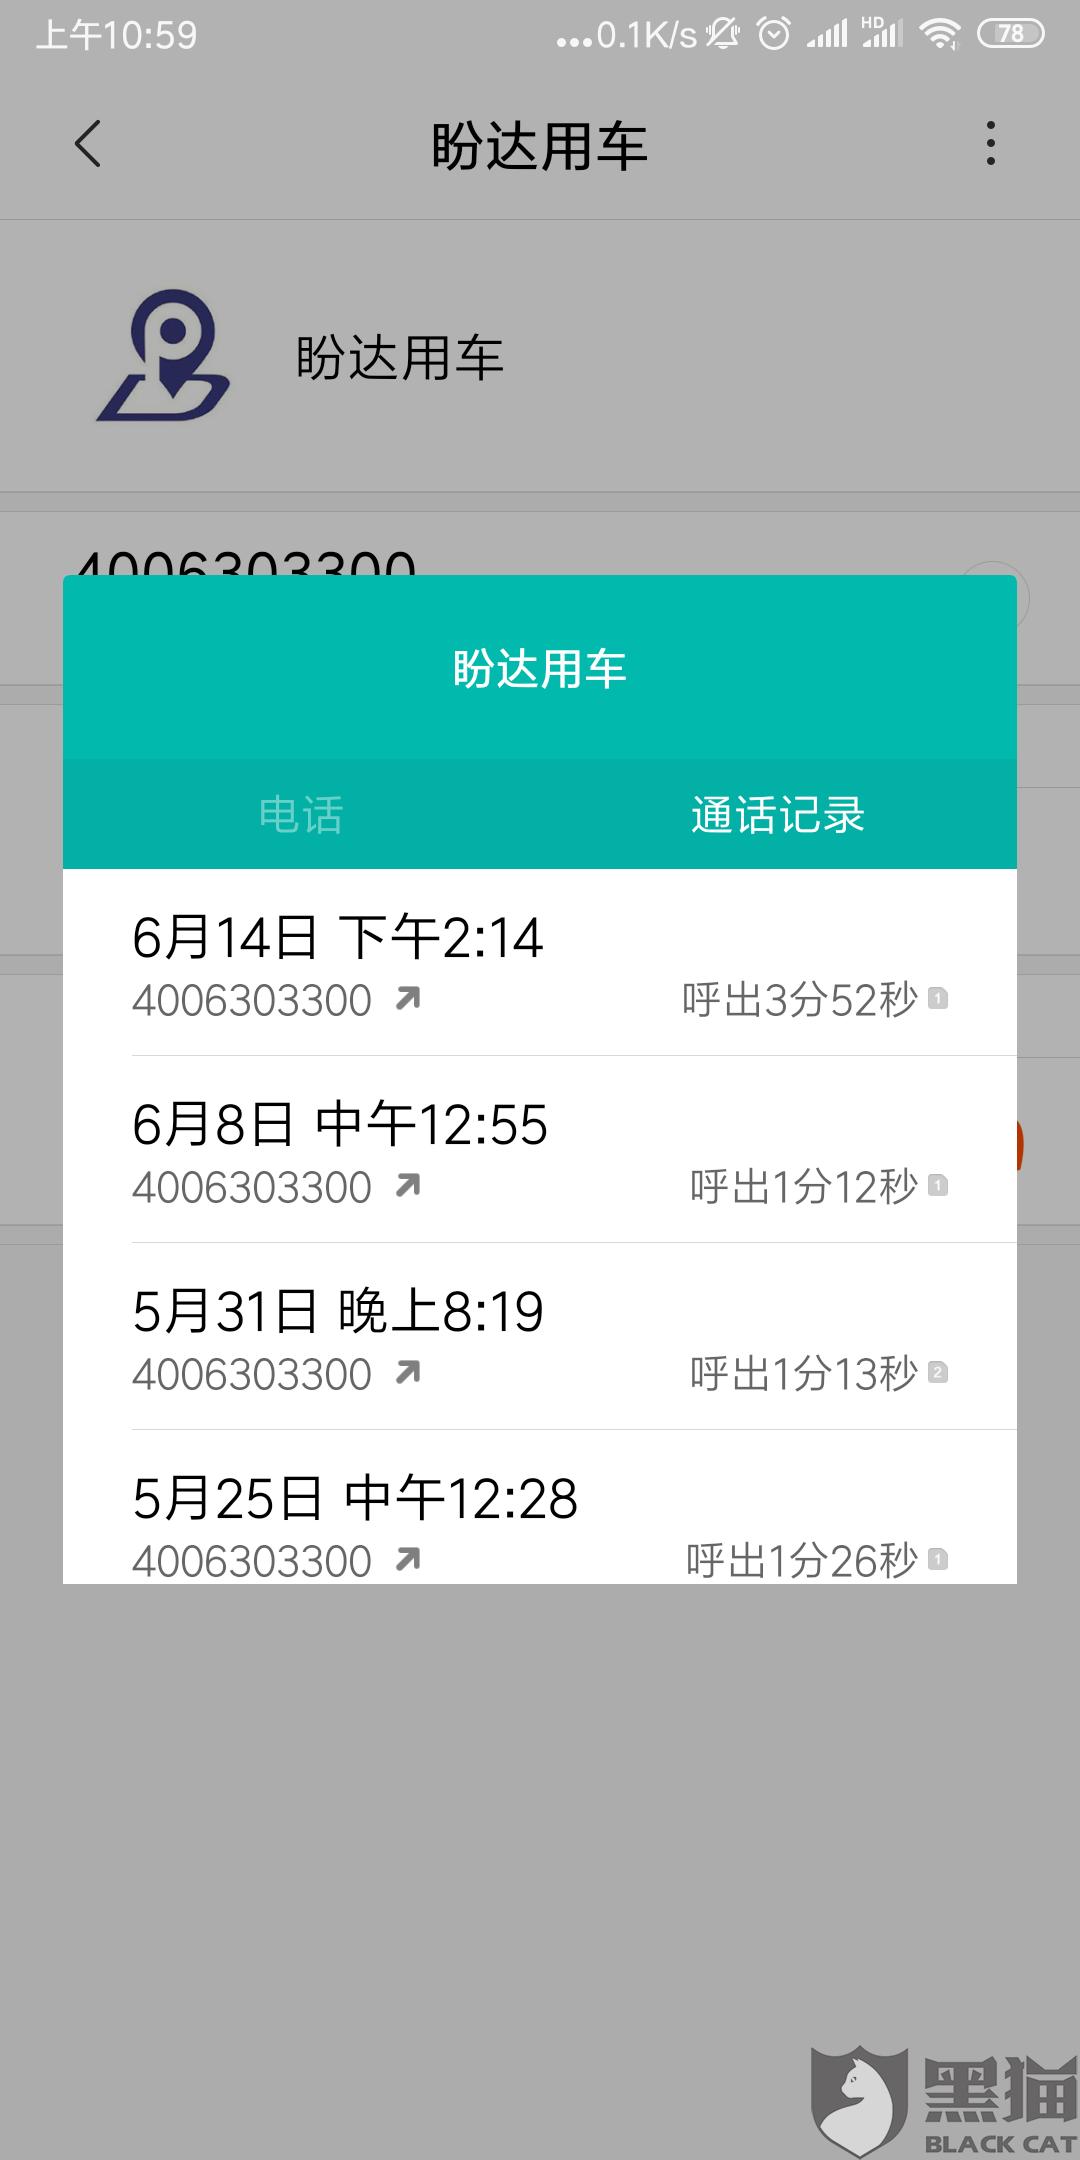 黑猫投诉:广州盼达用车不退押金,一直推脱,